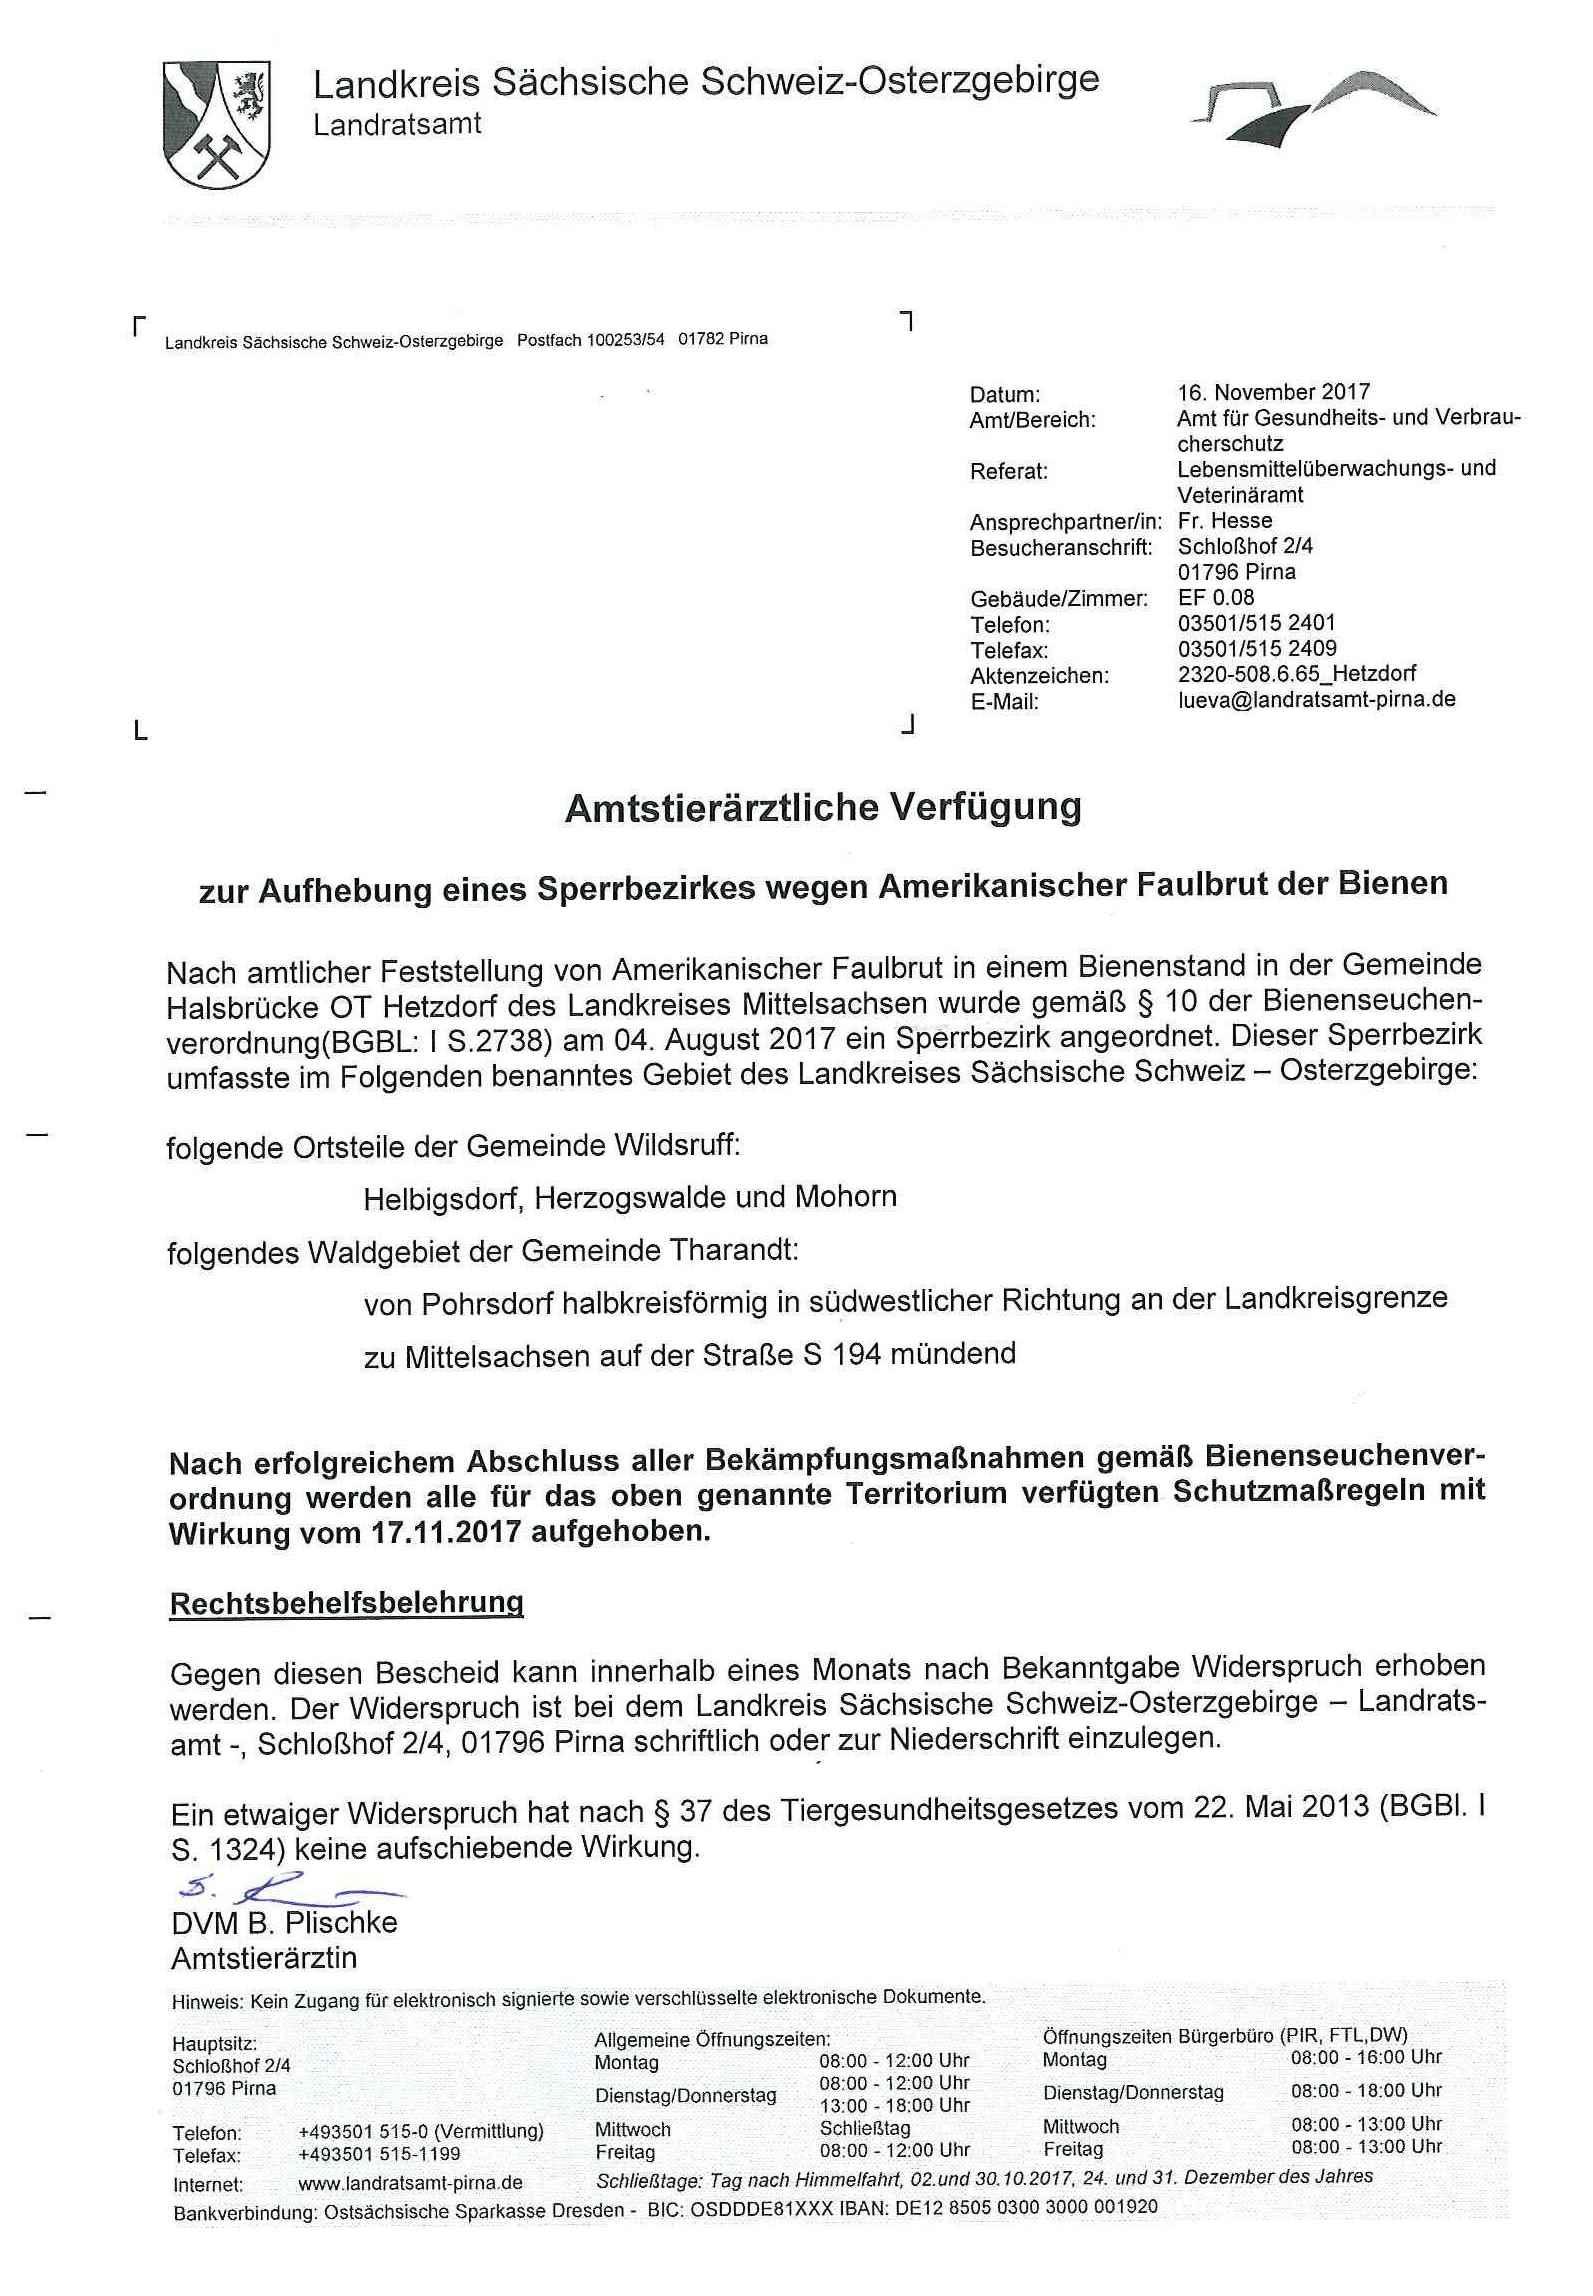 Aufhebung Sperrbezirk Bienen_2017.jpg